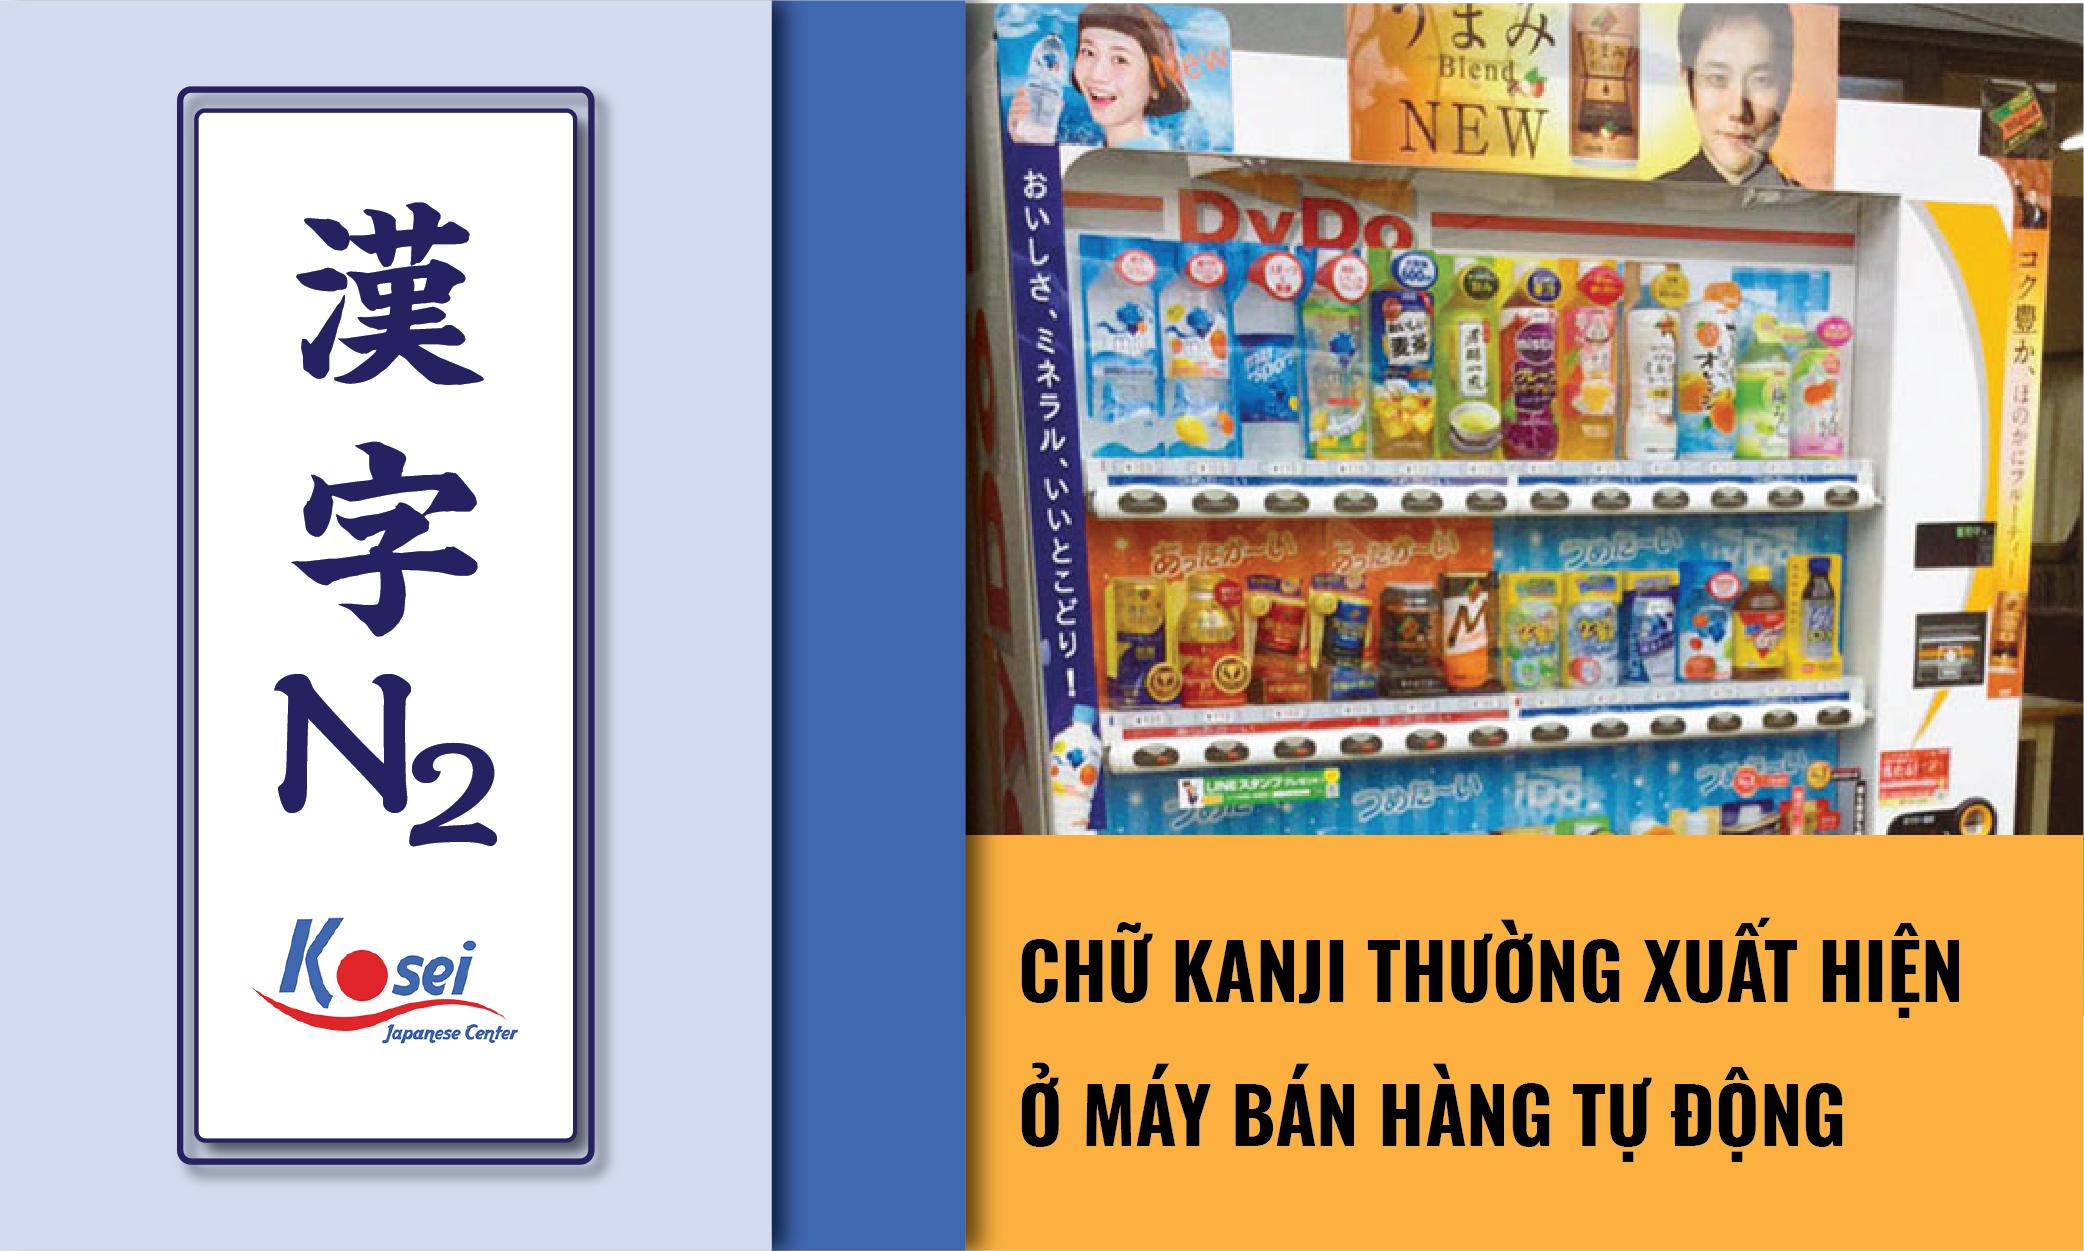 (Tổng hợp) Kanji N2: Các Kanji thường thấy ở máy bán hàng tự động